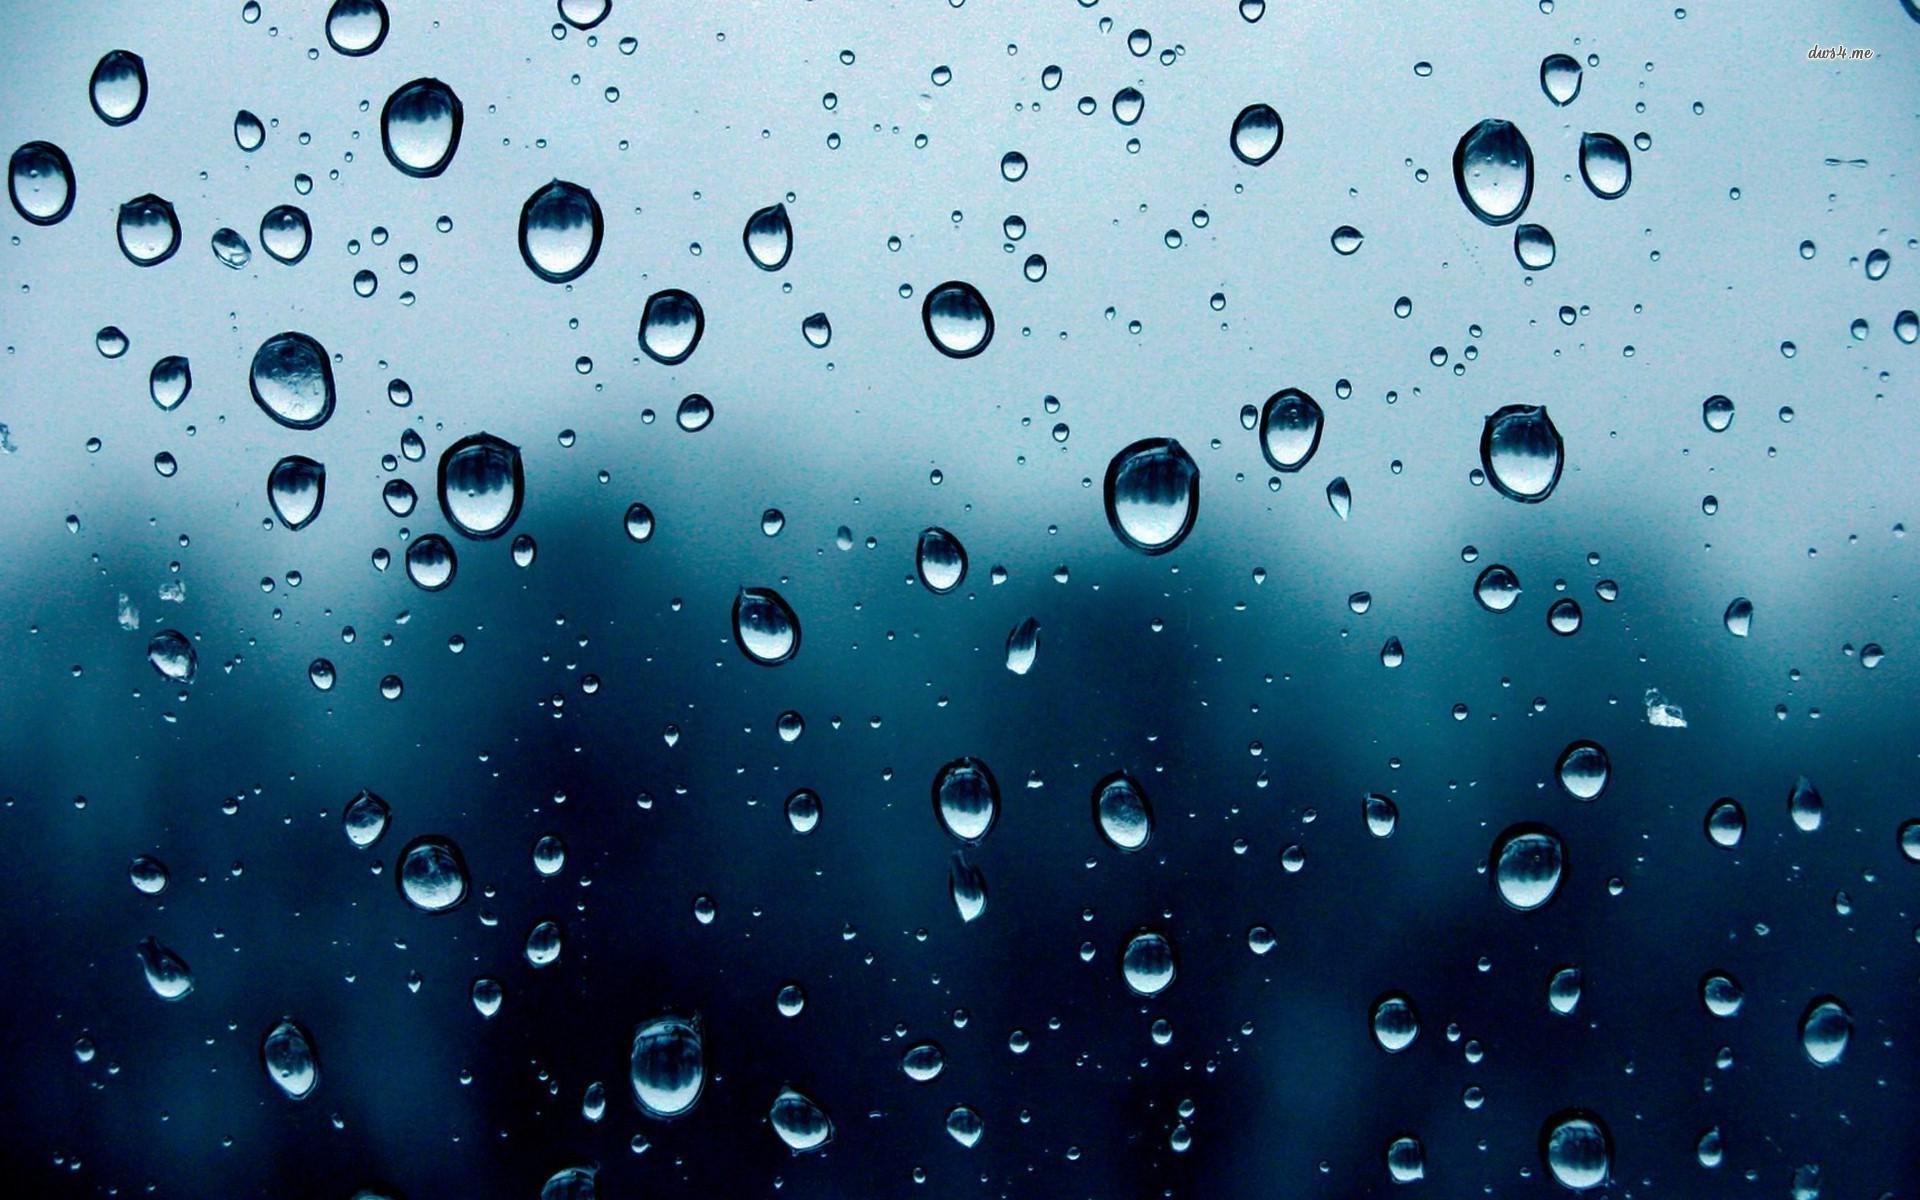 Raindrops Wallpaper.